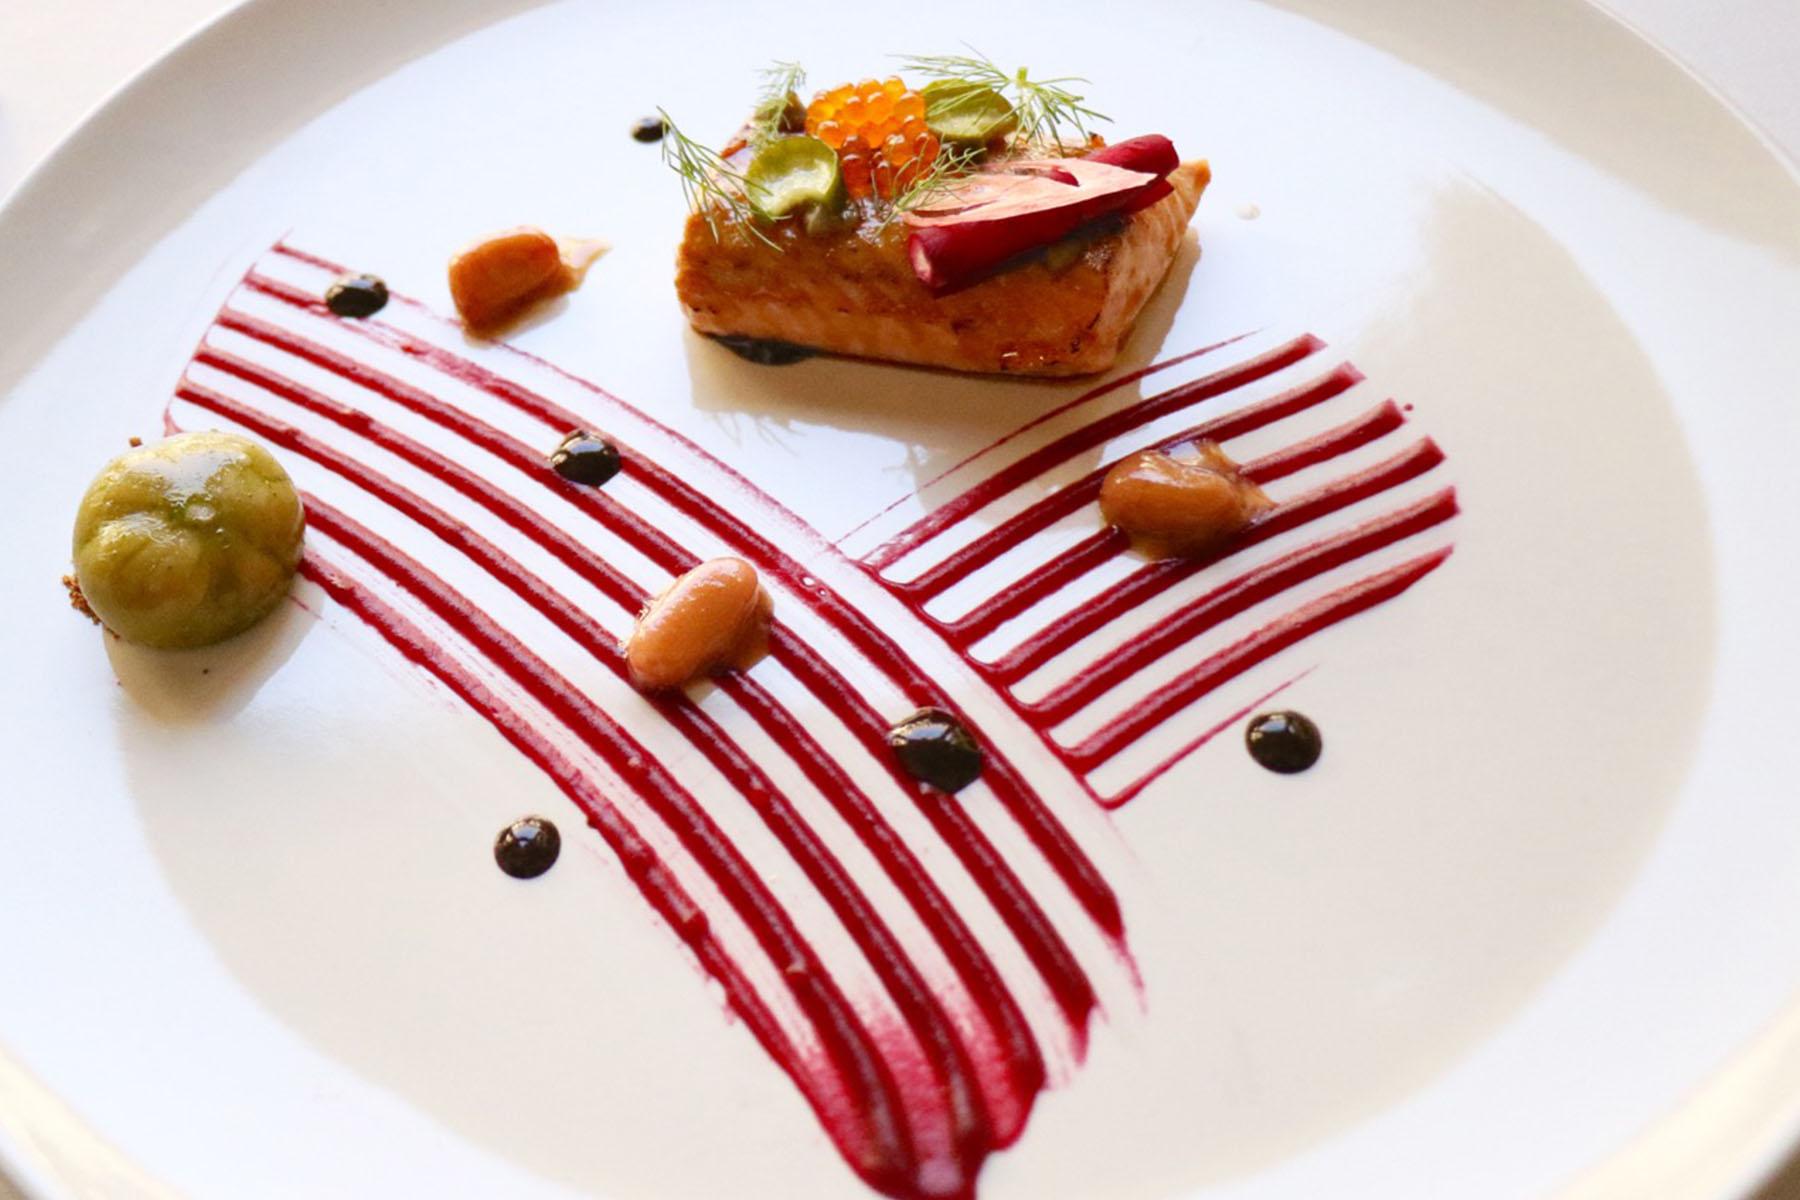 Trucha glaseada con remolacha, manzana y encurtidos. Chef Óscar Salazar